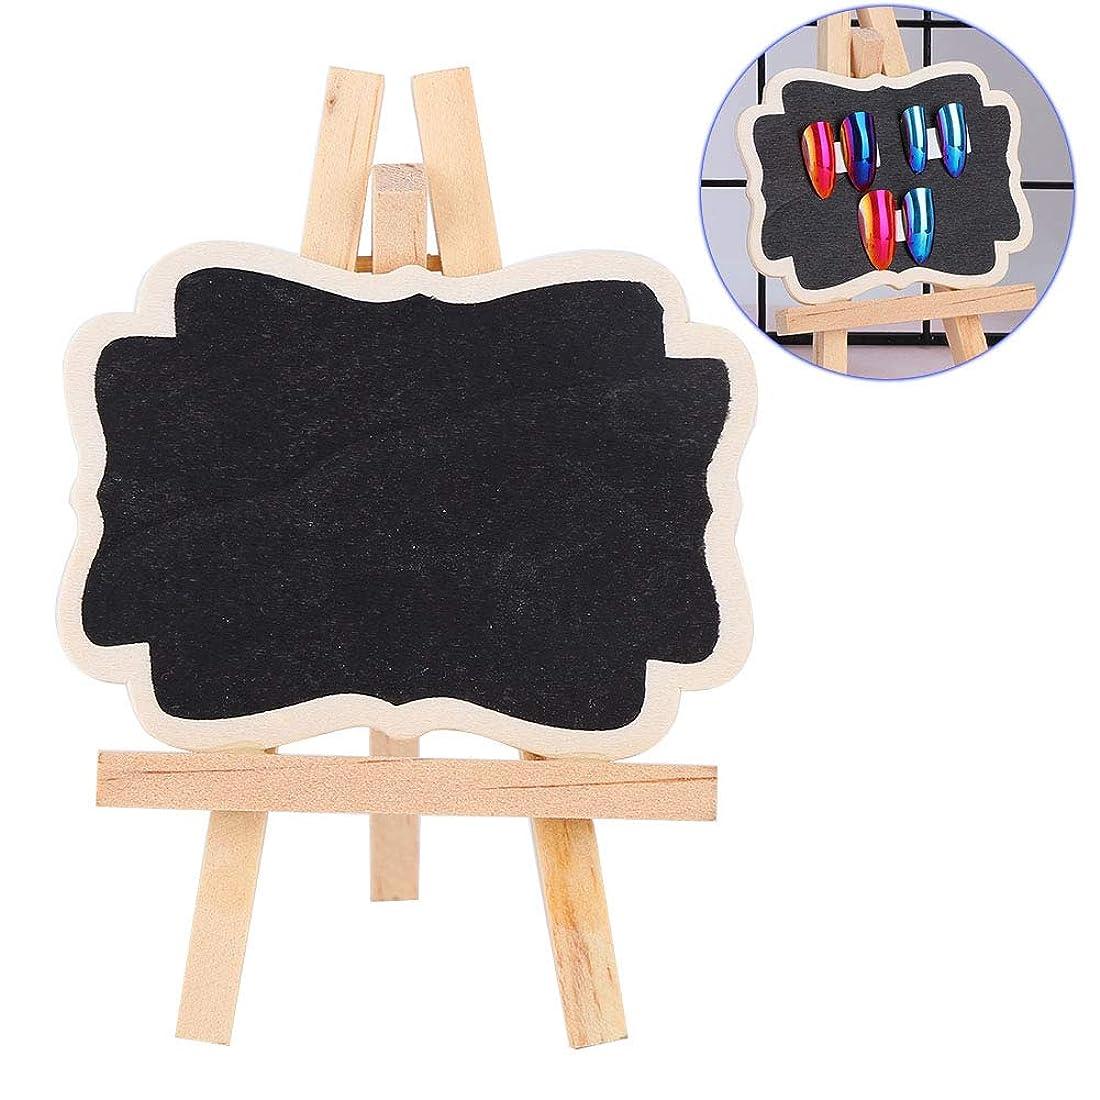 ピル疎外スペルネイルアート ディスプレイ スタンド 両面 ネイルアートディスプレイスタンド ジェル ポリッシュカラーショーケースフレーム 黒板